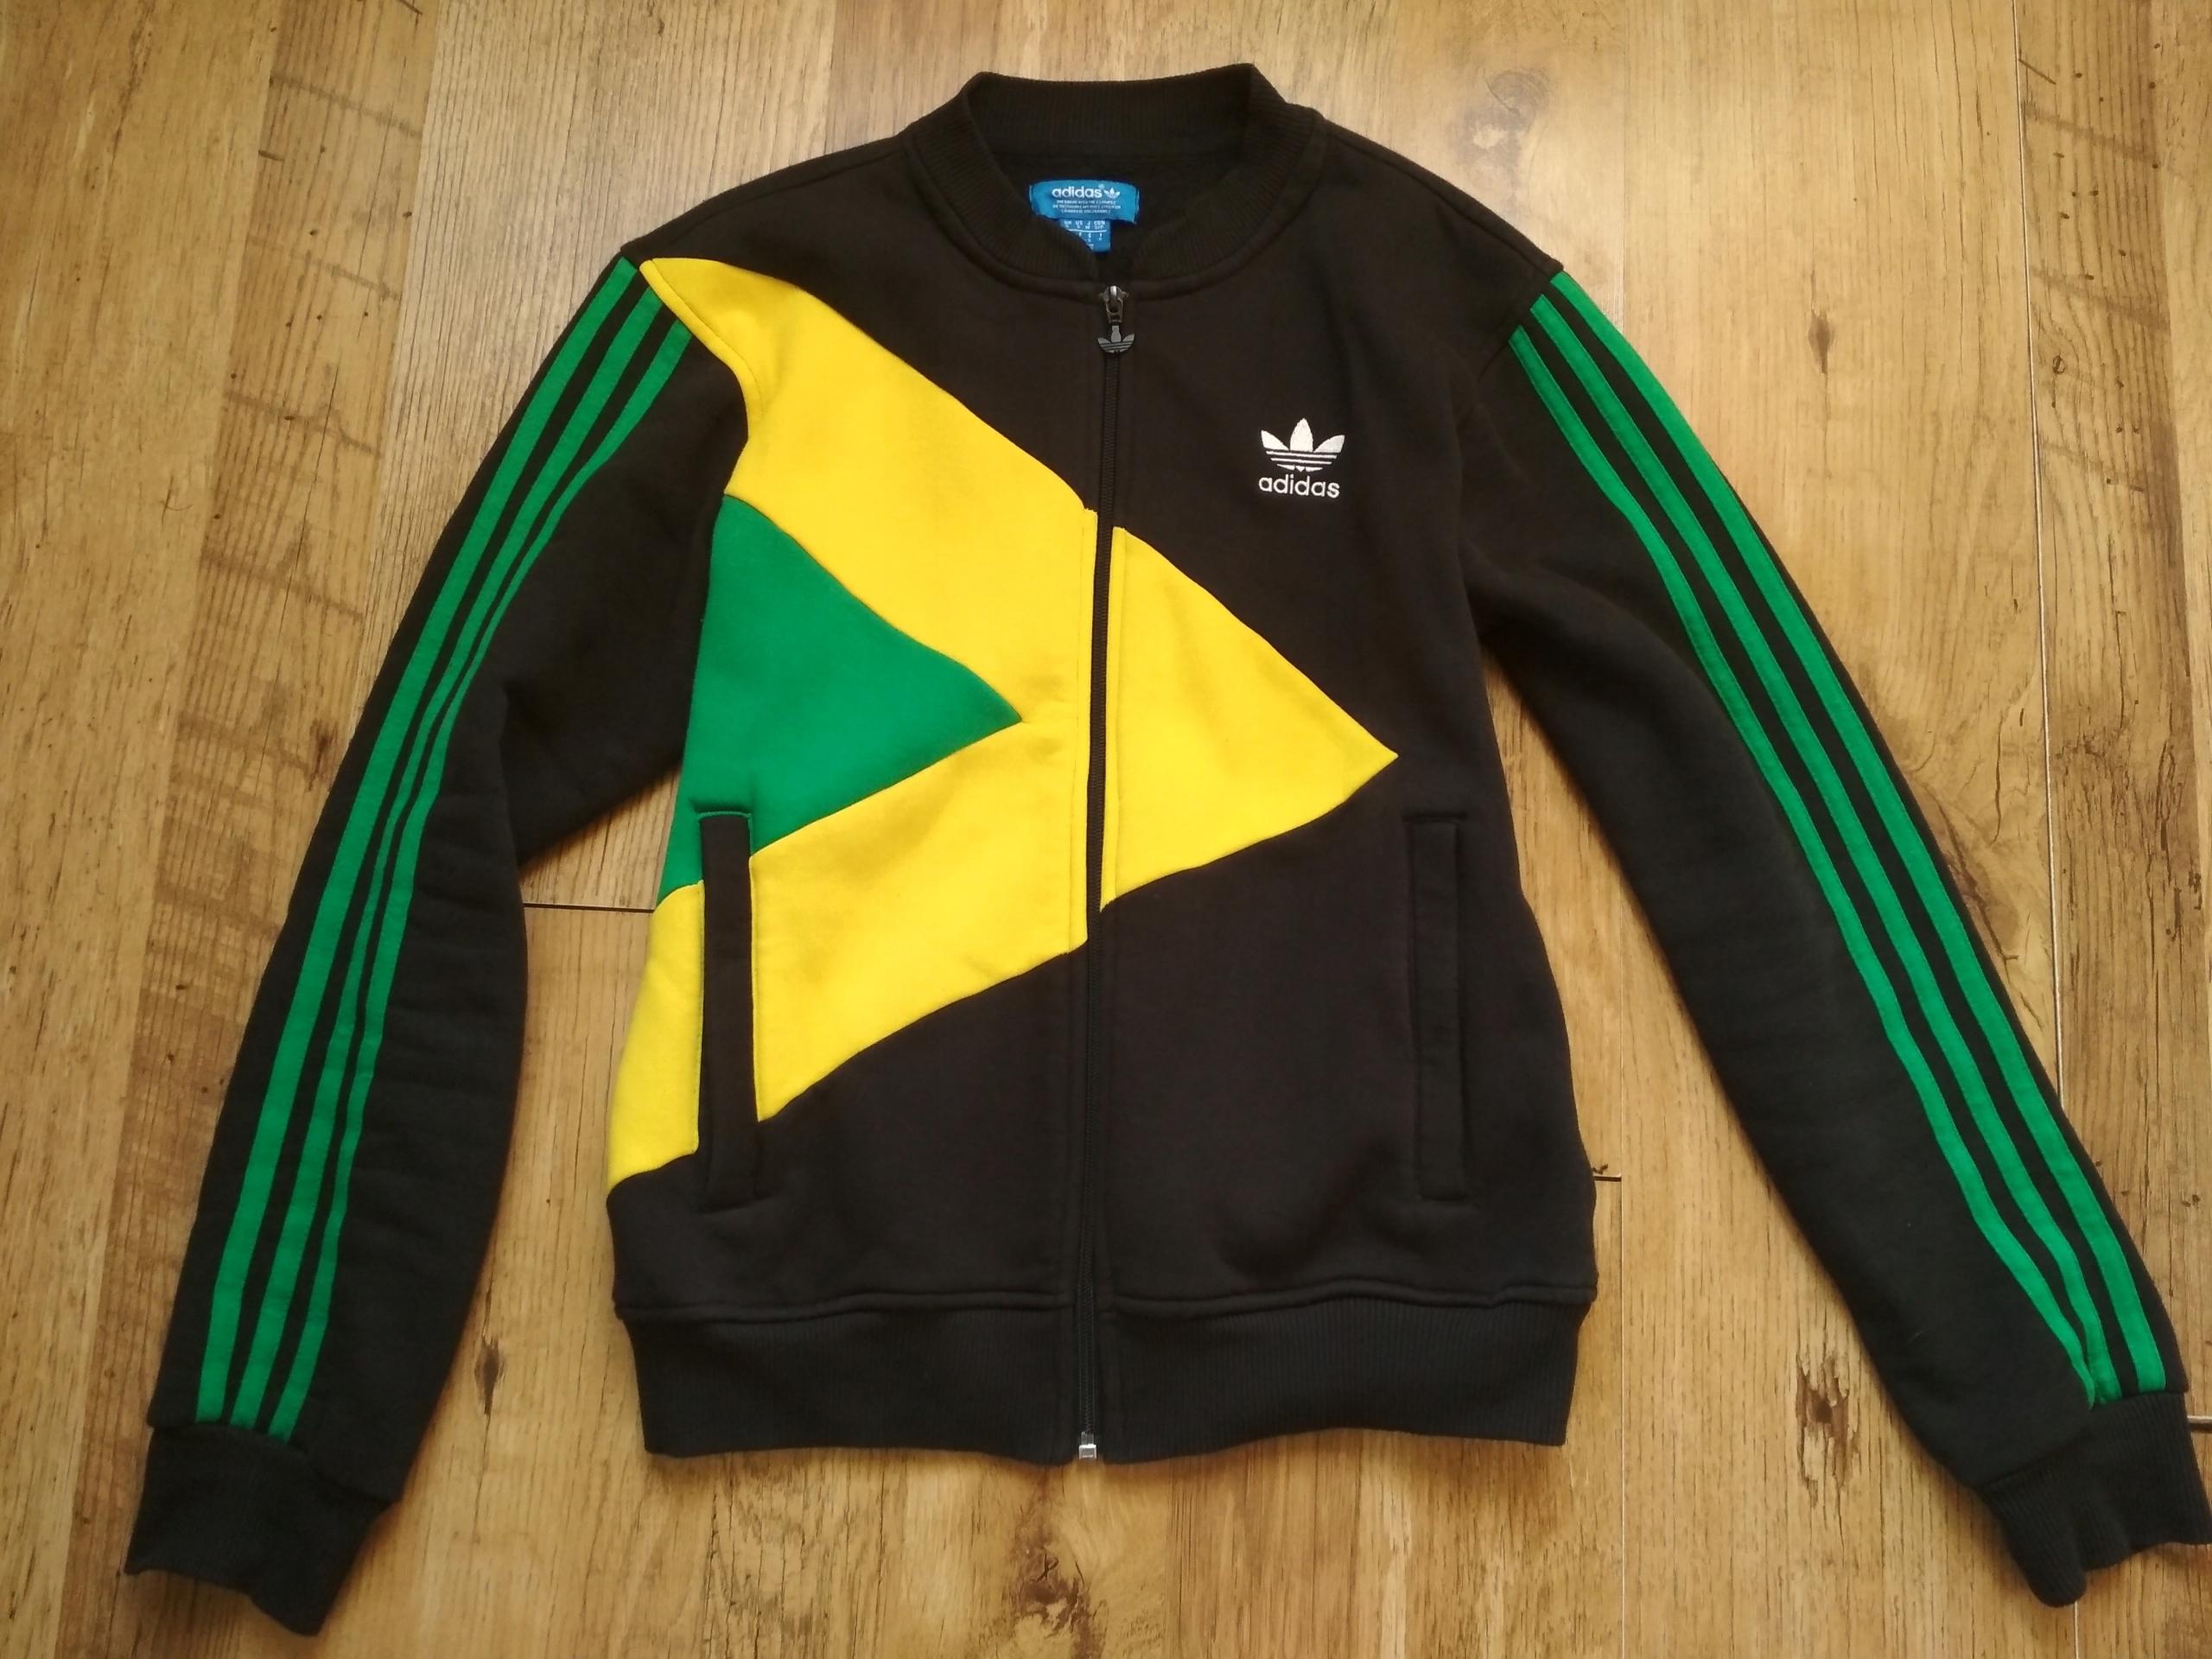 outlet na sprzedaż Cena obniżona nowe style Bluza ADIDAS JAMAJKA etno reggae rasta hippie boho